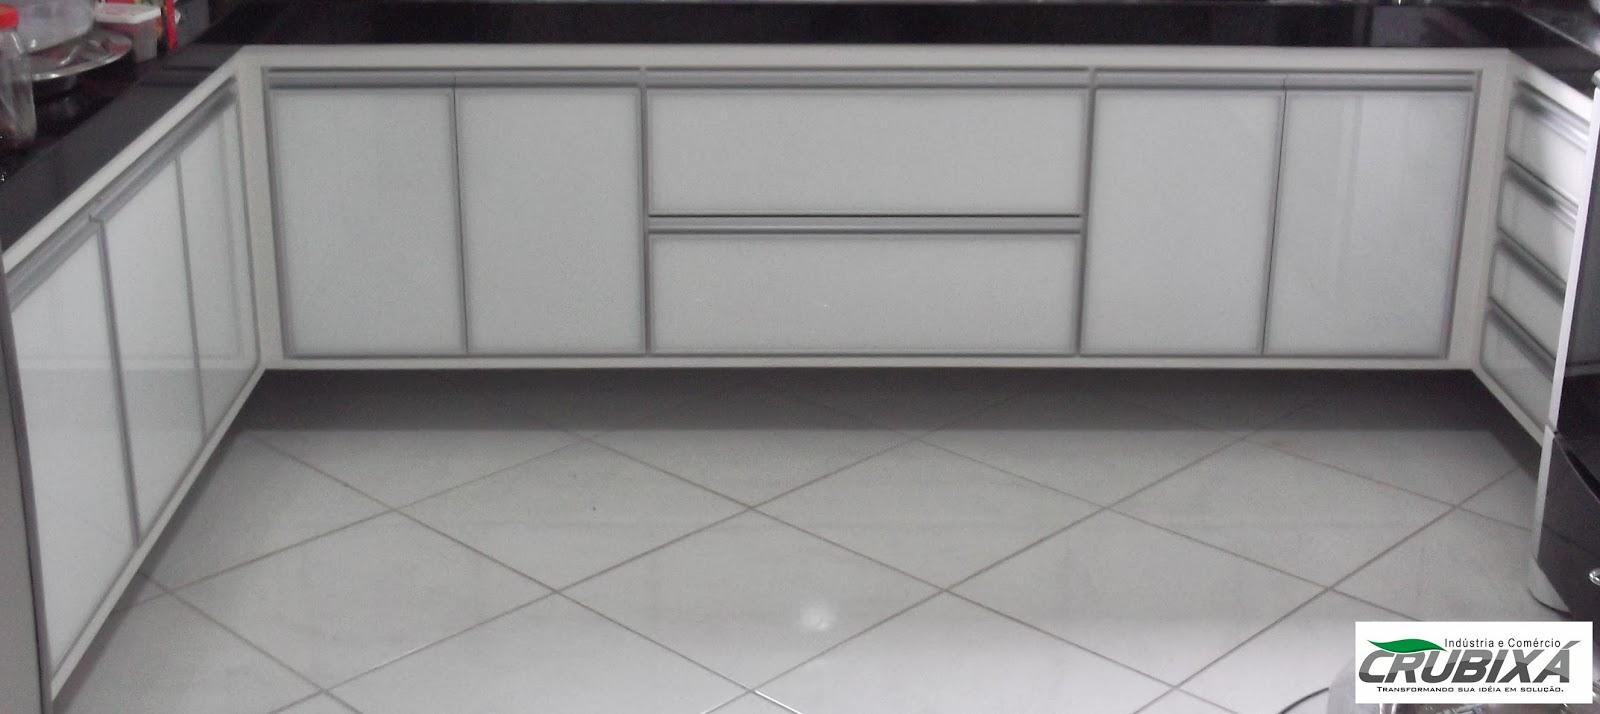 Fotos de armario de cozinha de aluminio - Armarios empotrados de aluminio ...